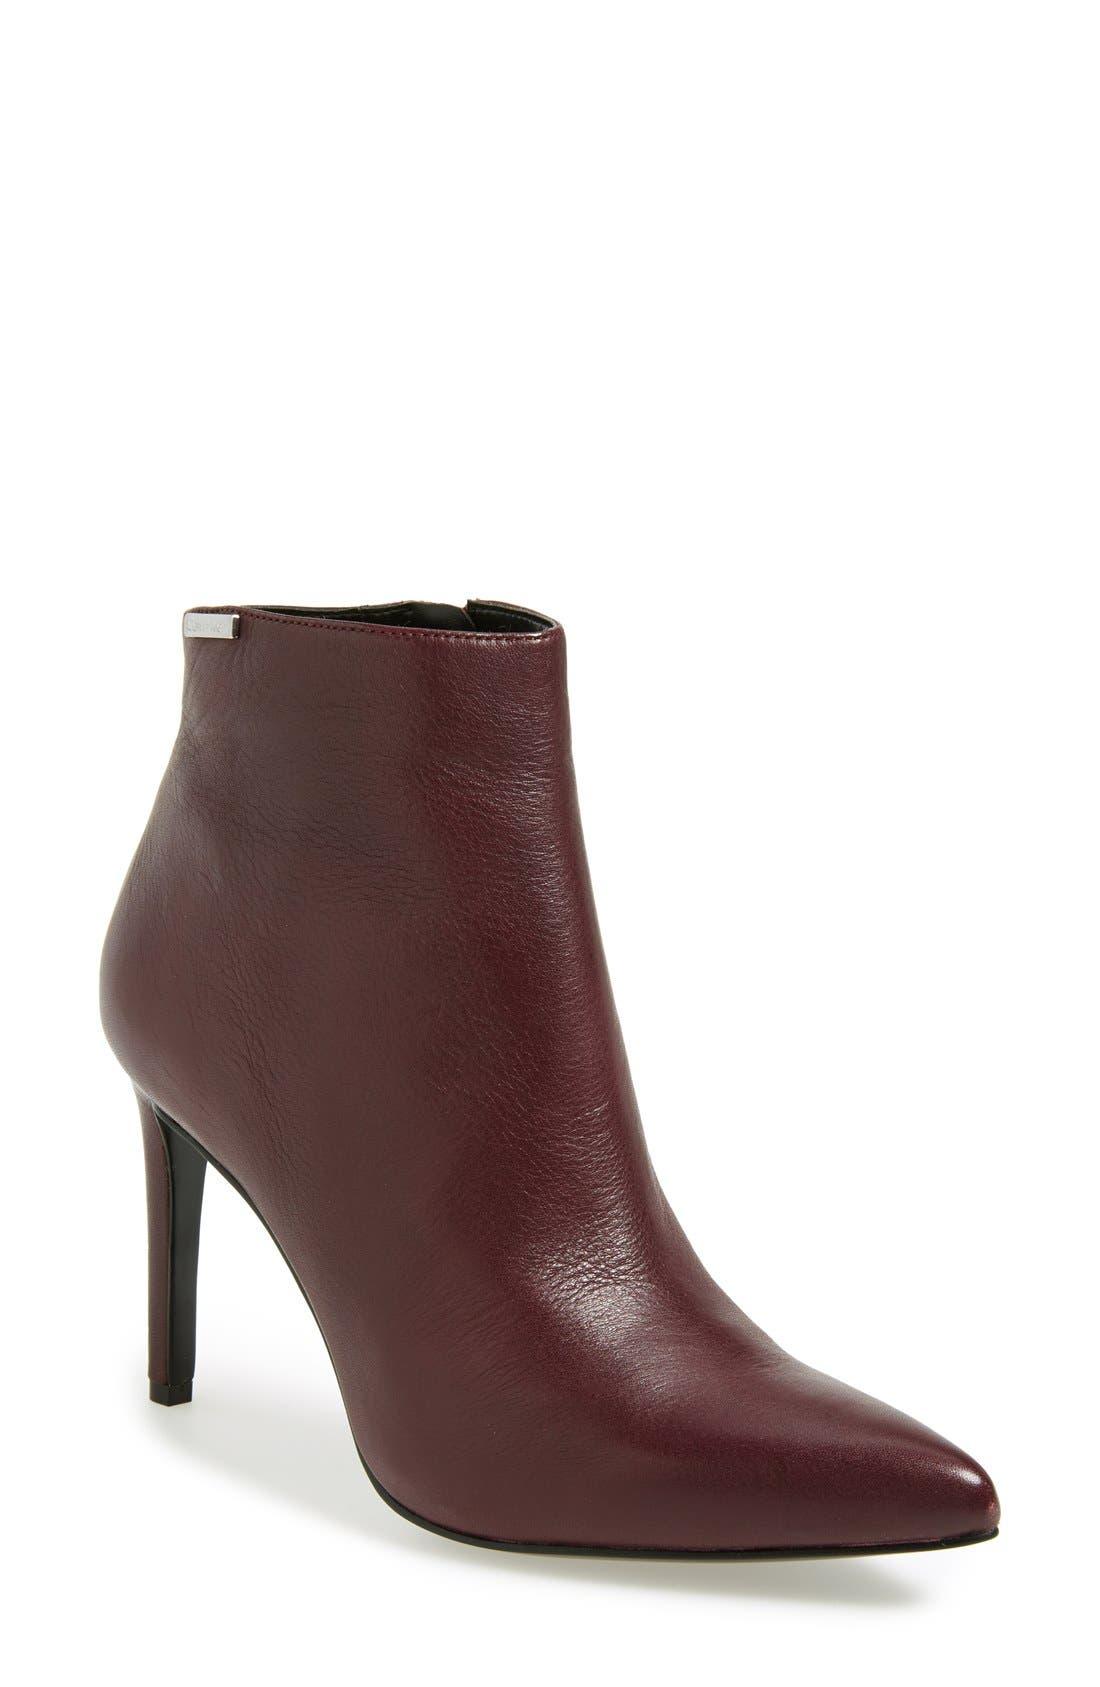 Main Image - Calvin Klein 'Clariss' Pointy Toe Bootie (Women)